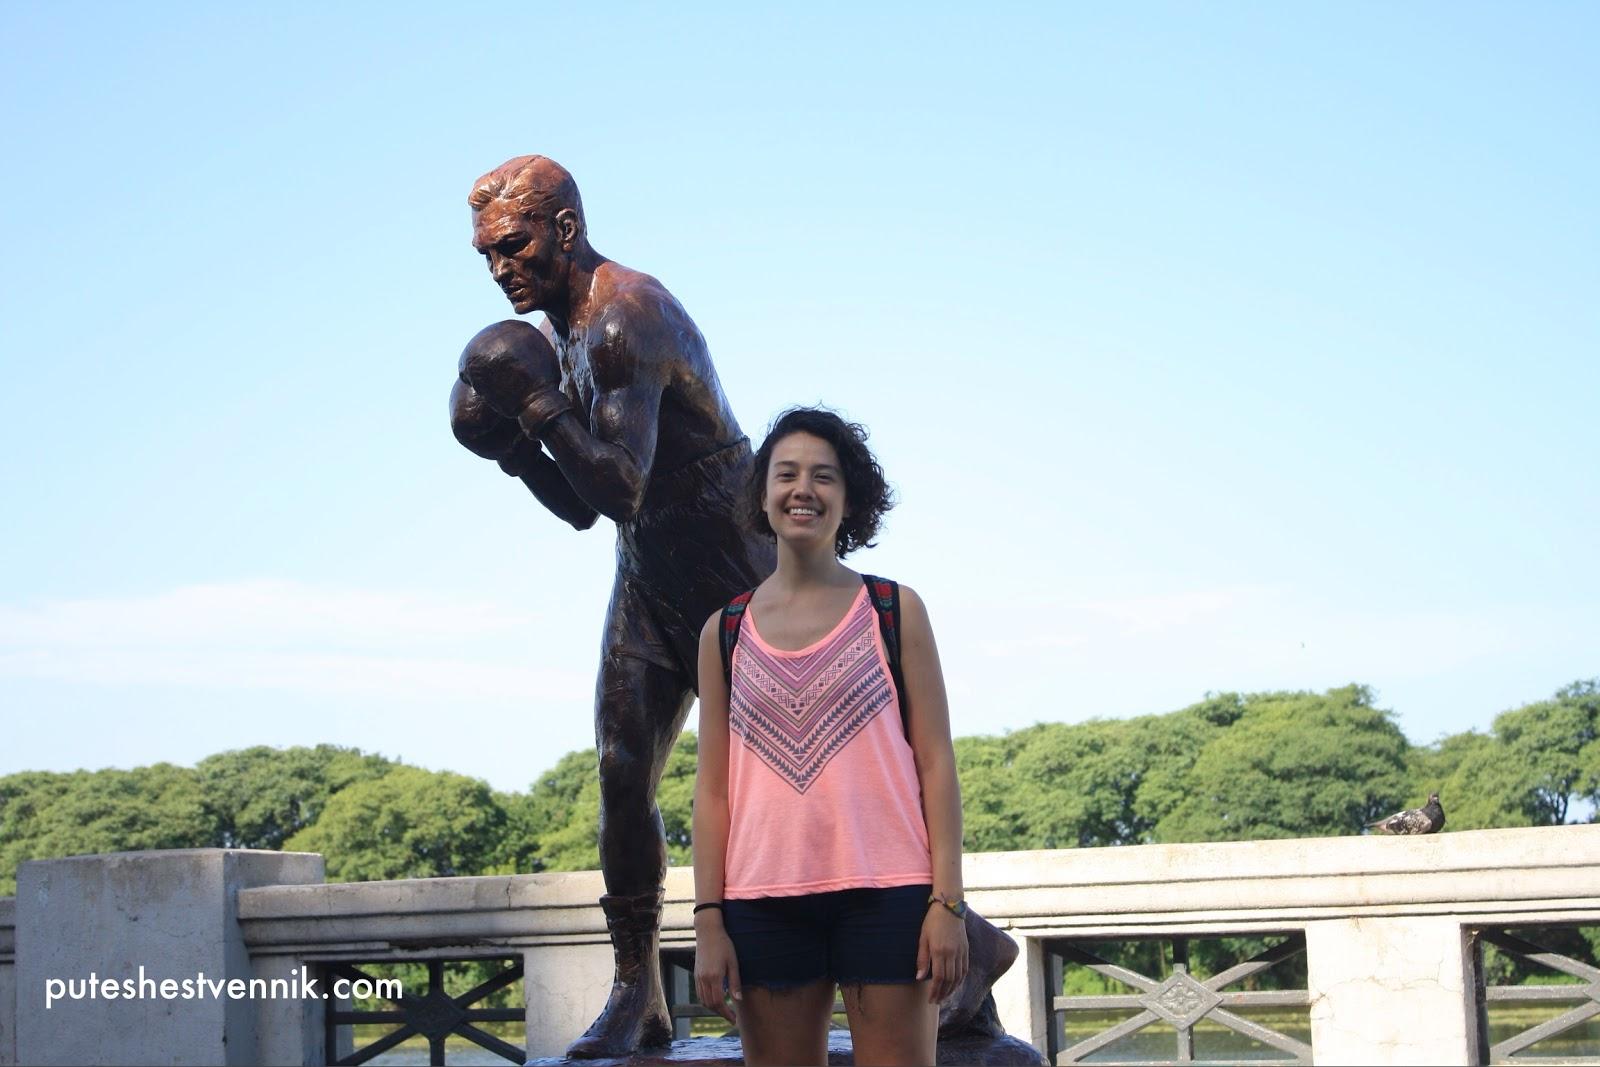 Девушка и памятник боксеру